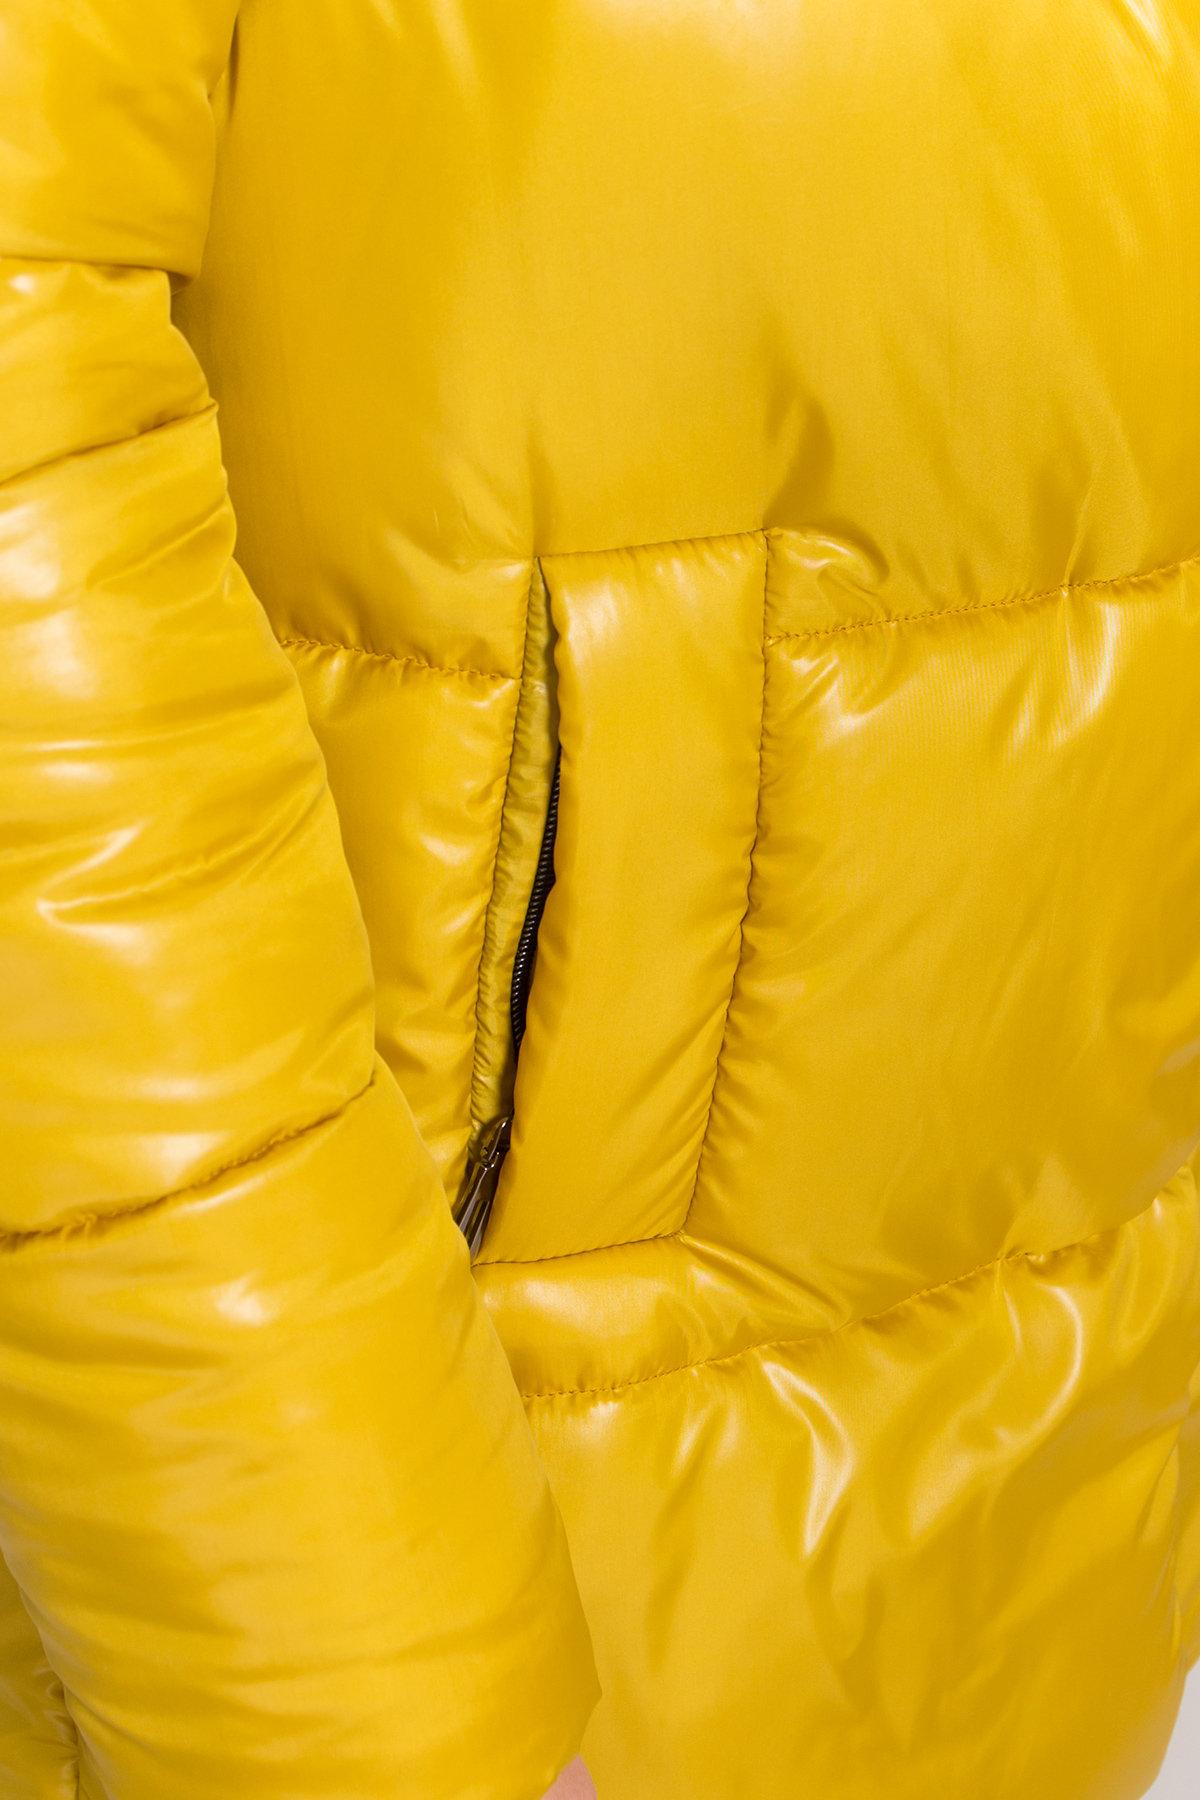 Женская зимняя куртка пуховик Техас Лаке 8238 АРТ. 44284 Цвет: Горчица - фото 5, интернет магазин tm-modus.ru